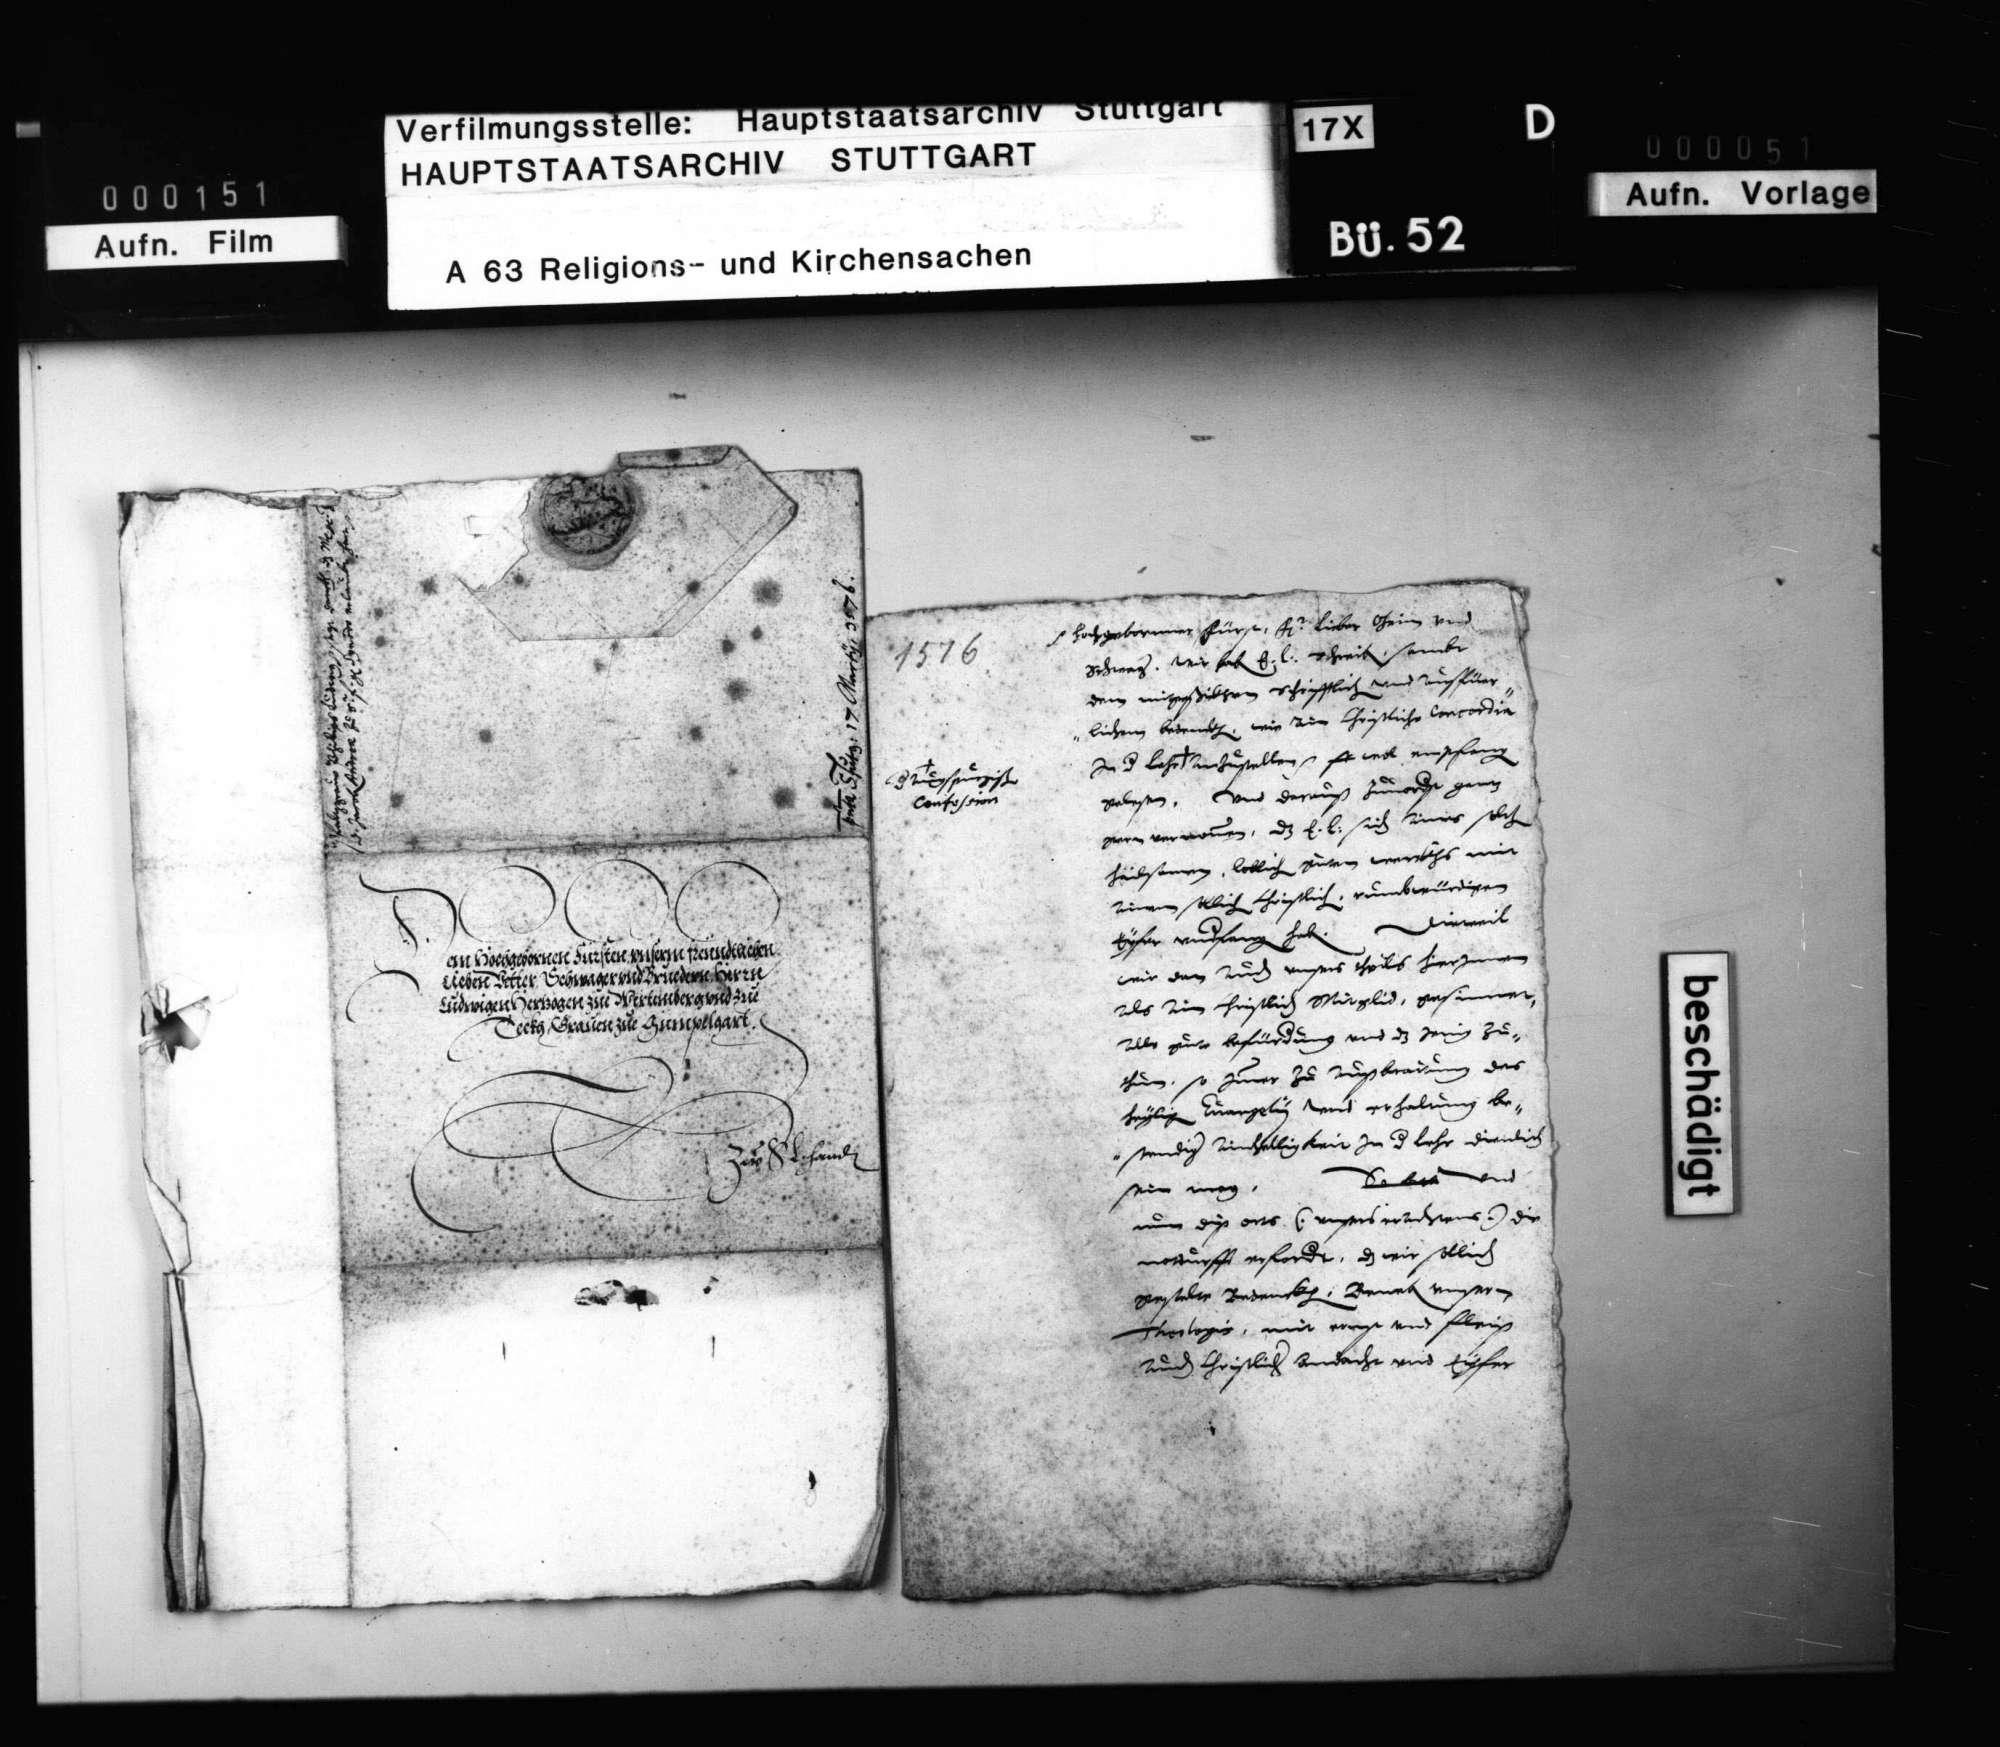 Schreiben Herzog Ludwigs an Kurfürst August, betreffend die Herstellung einer Concordia., Bild 1